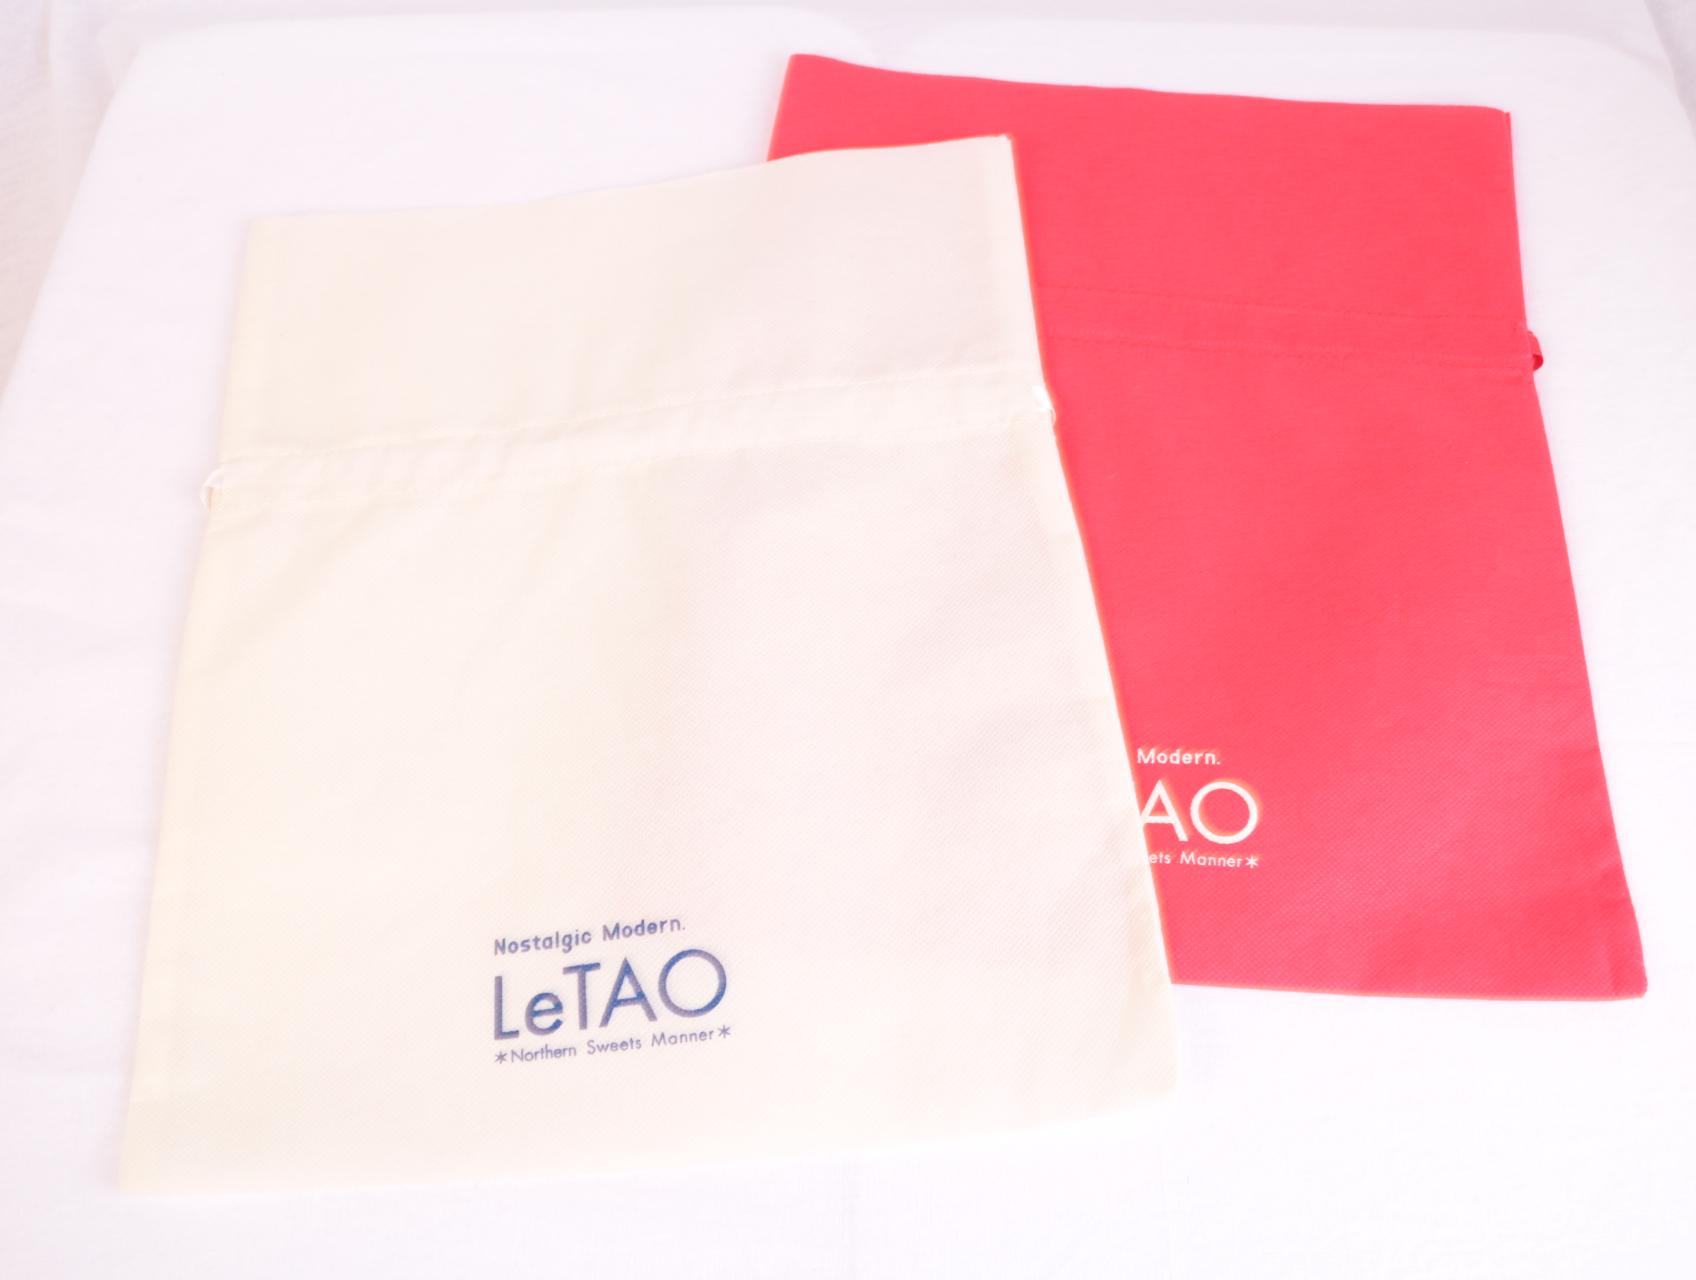 2パターンの巾着タイプのオリジナル不織布袋